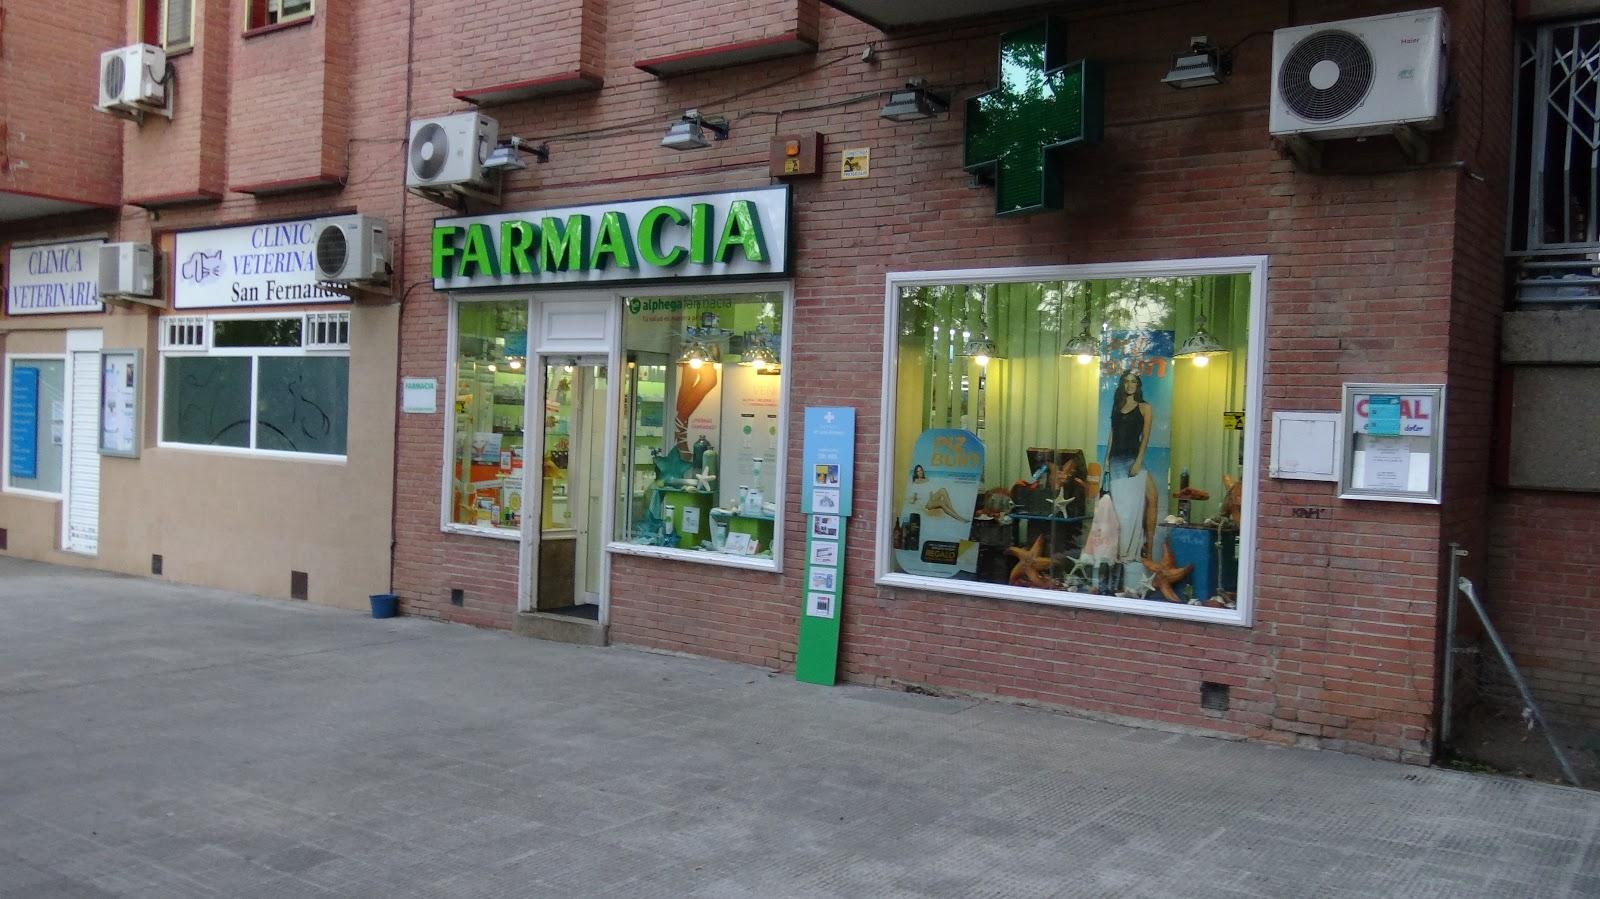 Farmacia romero san fernando de henares